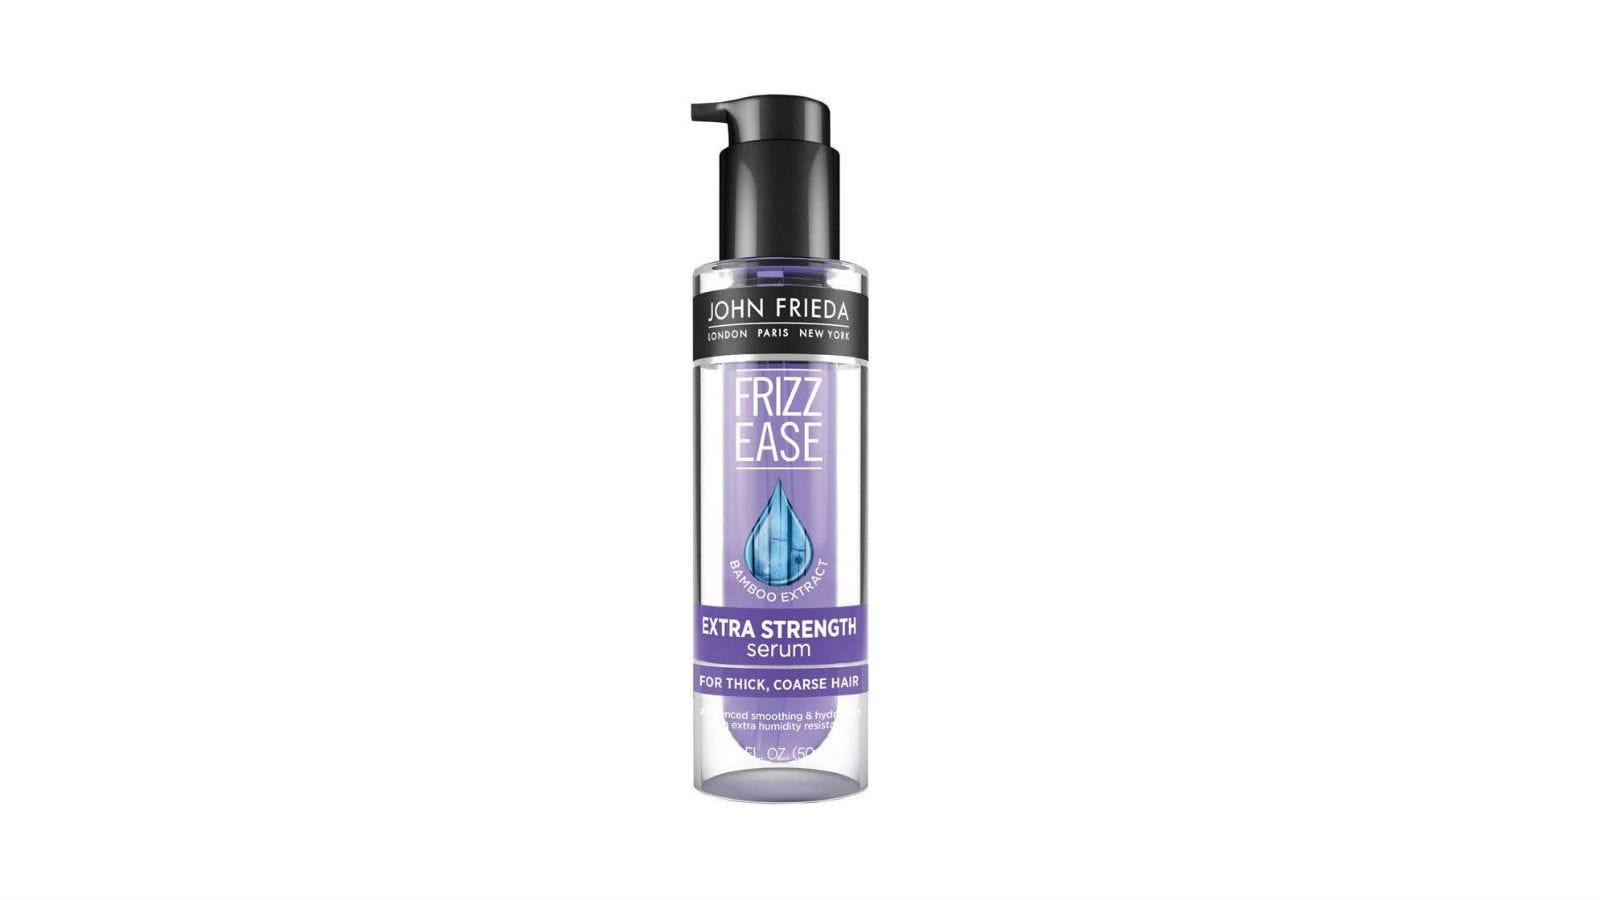 A pump bottle of John Frieda Frizz Ease Extra Strength Serum.